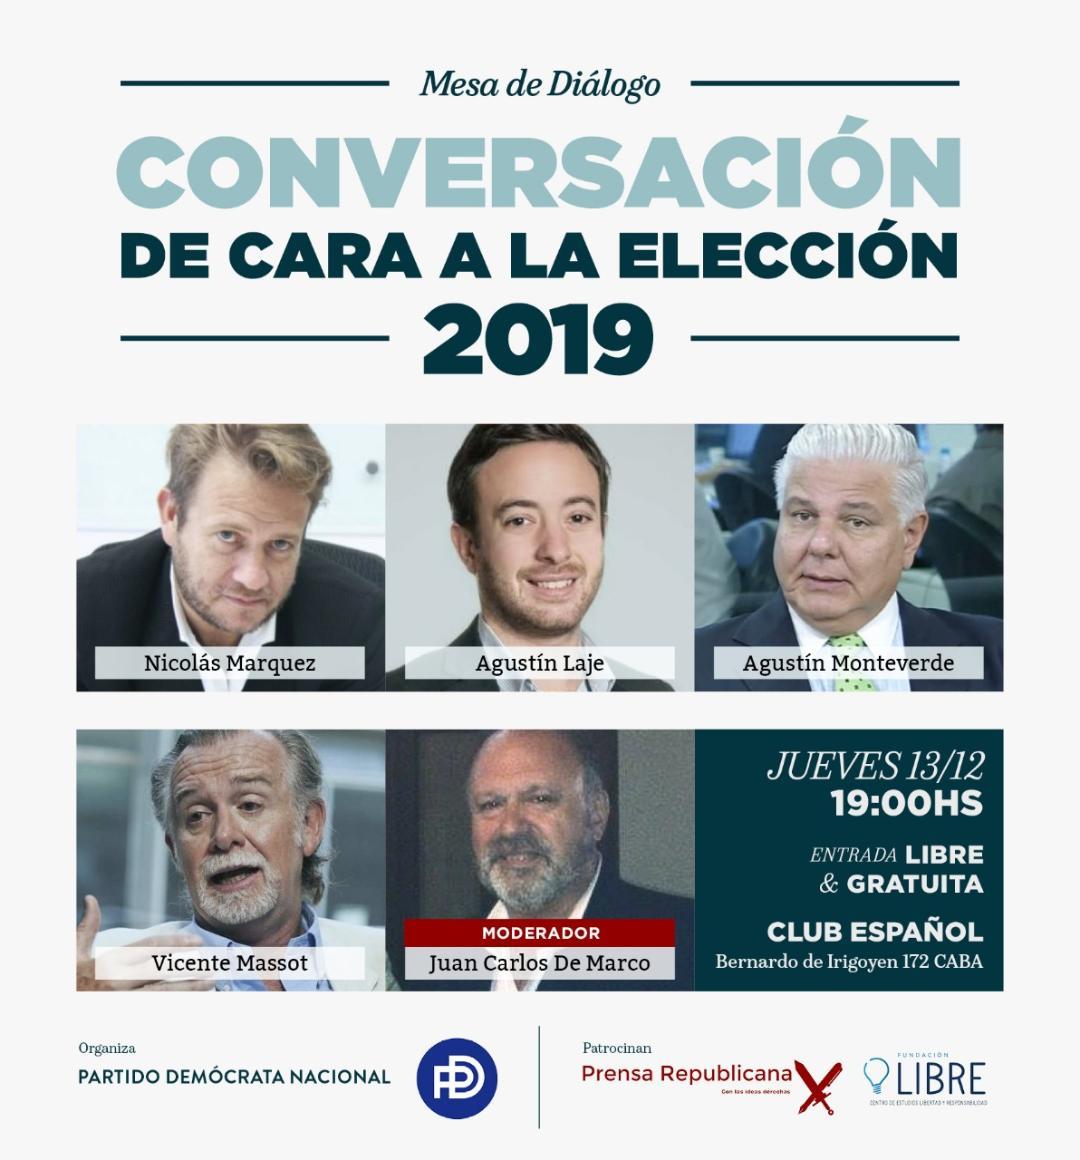 INVITACIÓN EN BUENOS AIRES!